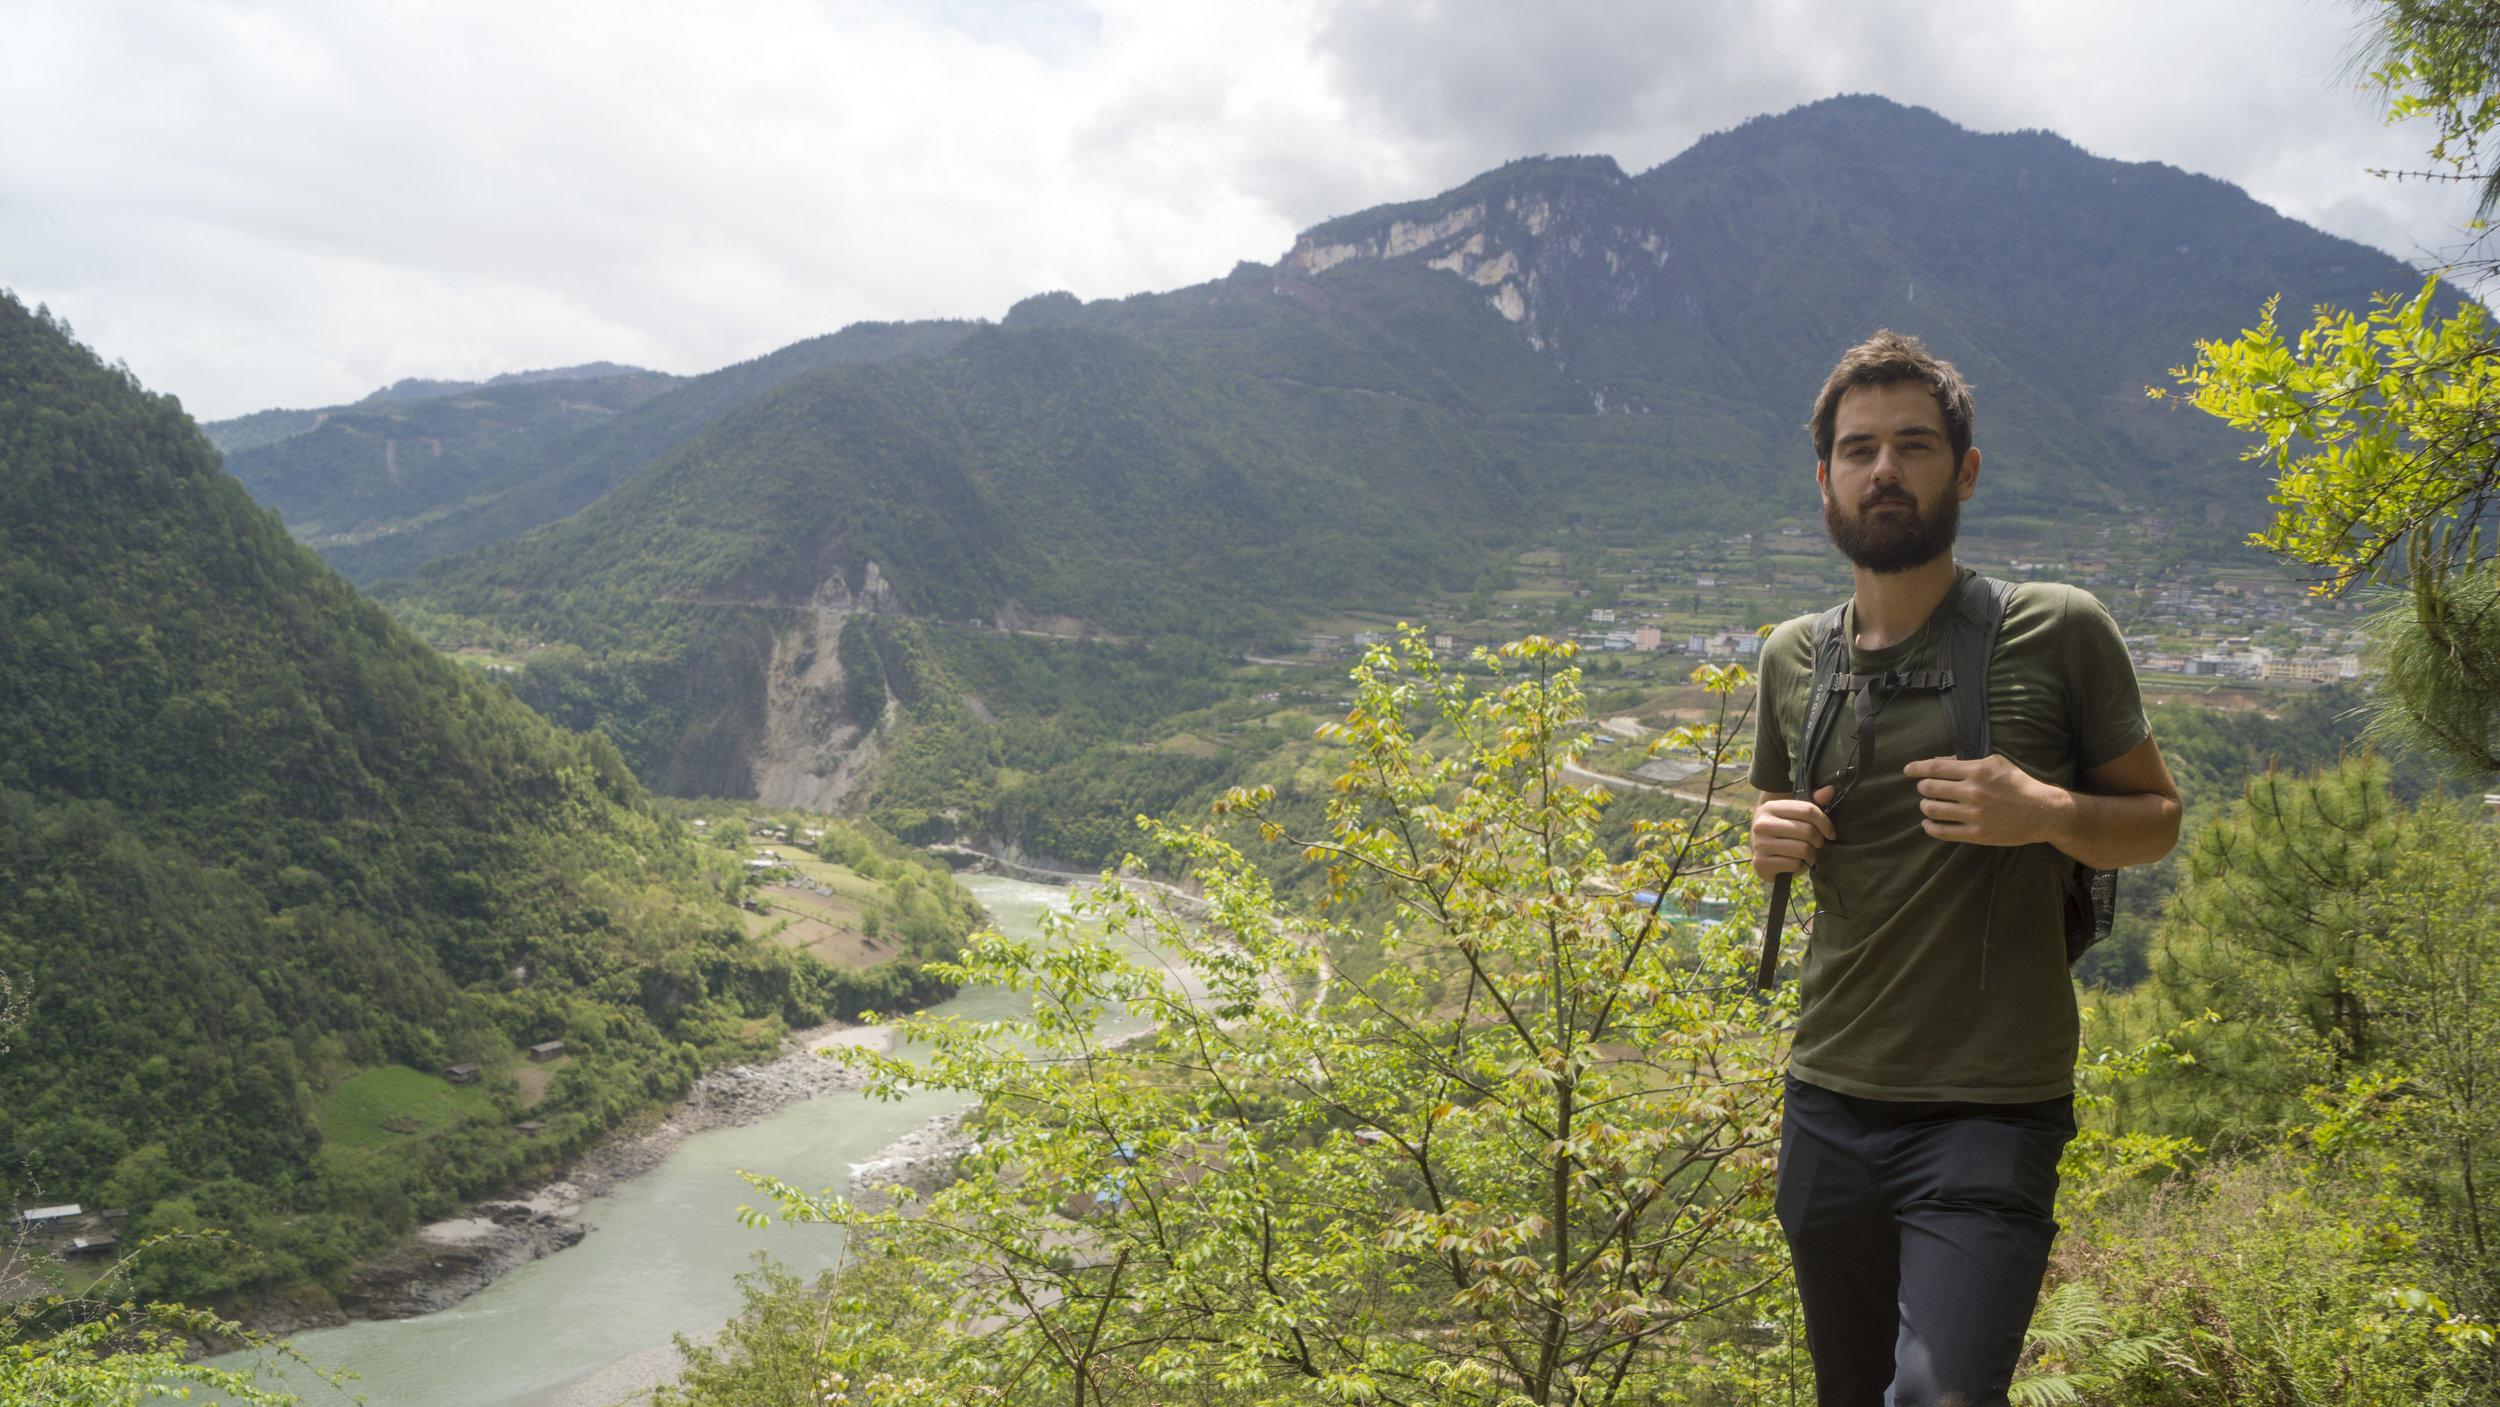 Hiking above Bingzhongluo.